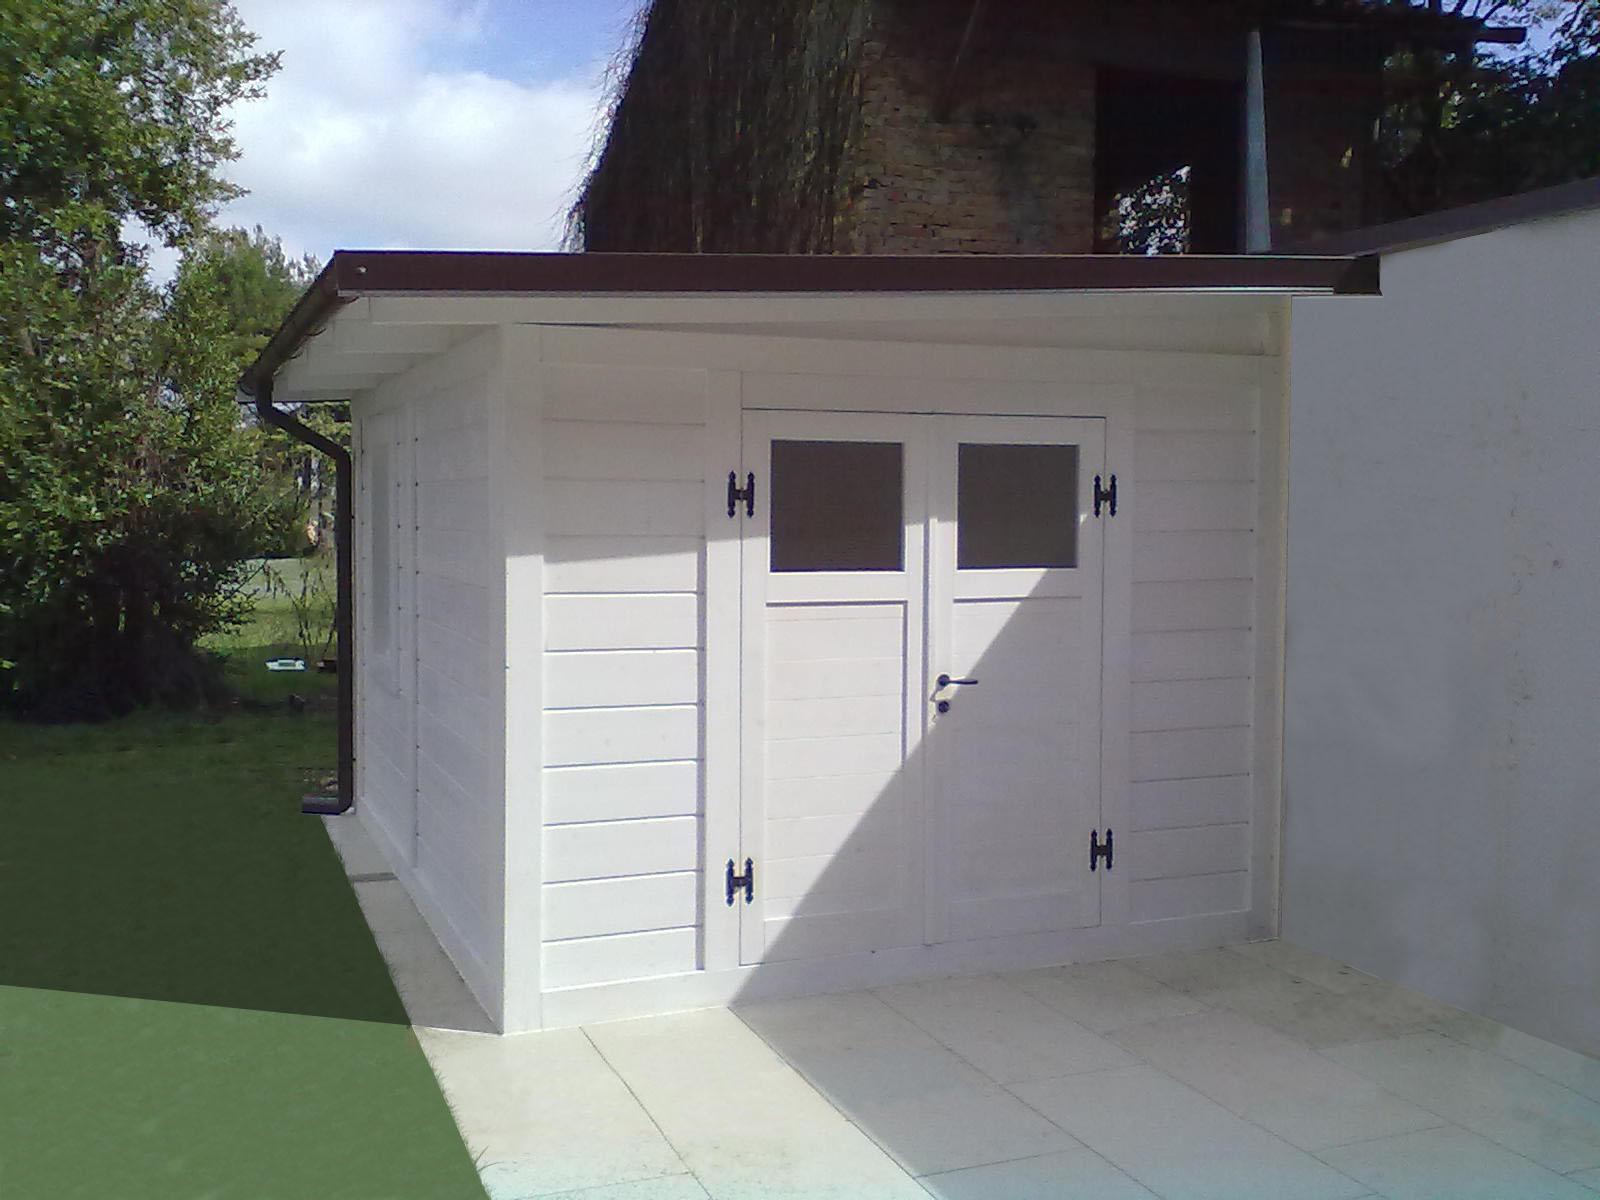 Casette da giardino in legno su misura edil legno for Piccoli piani casa moderna casetta